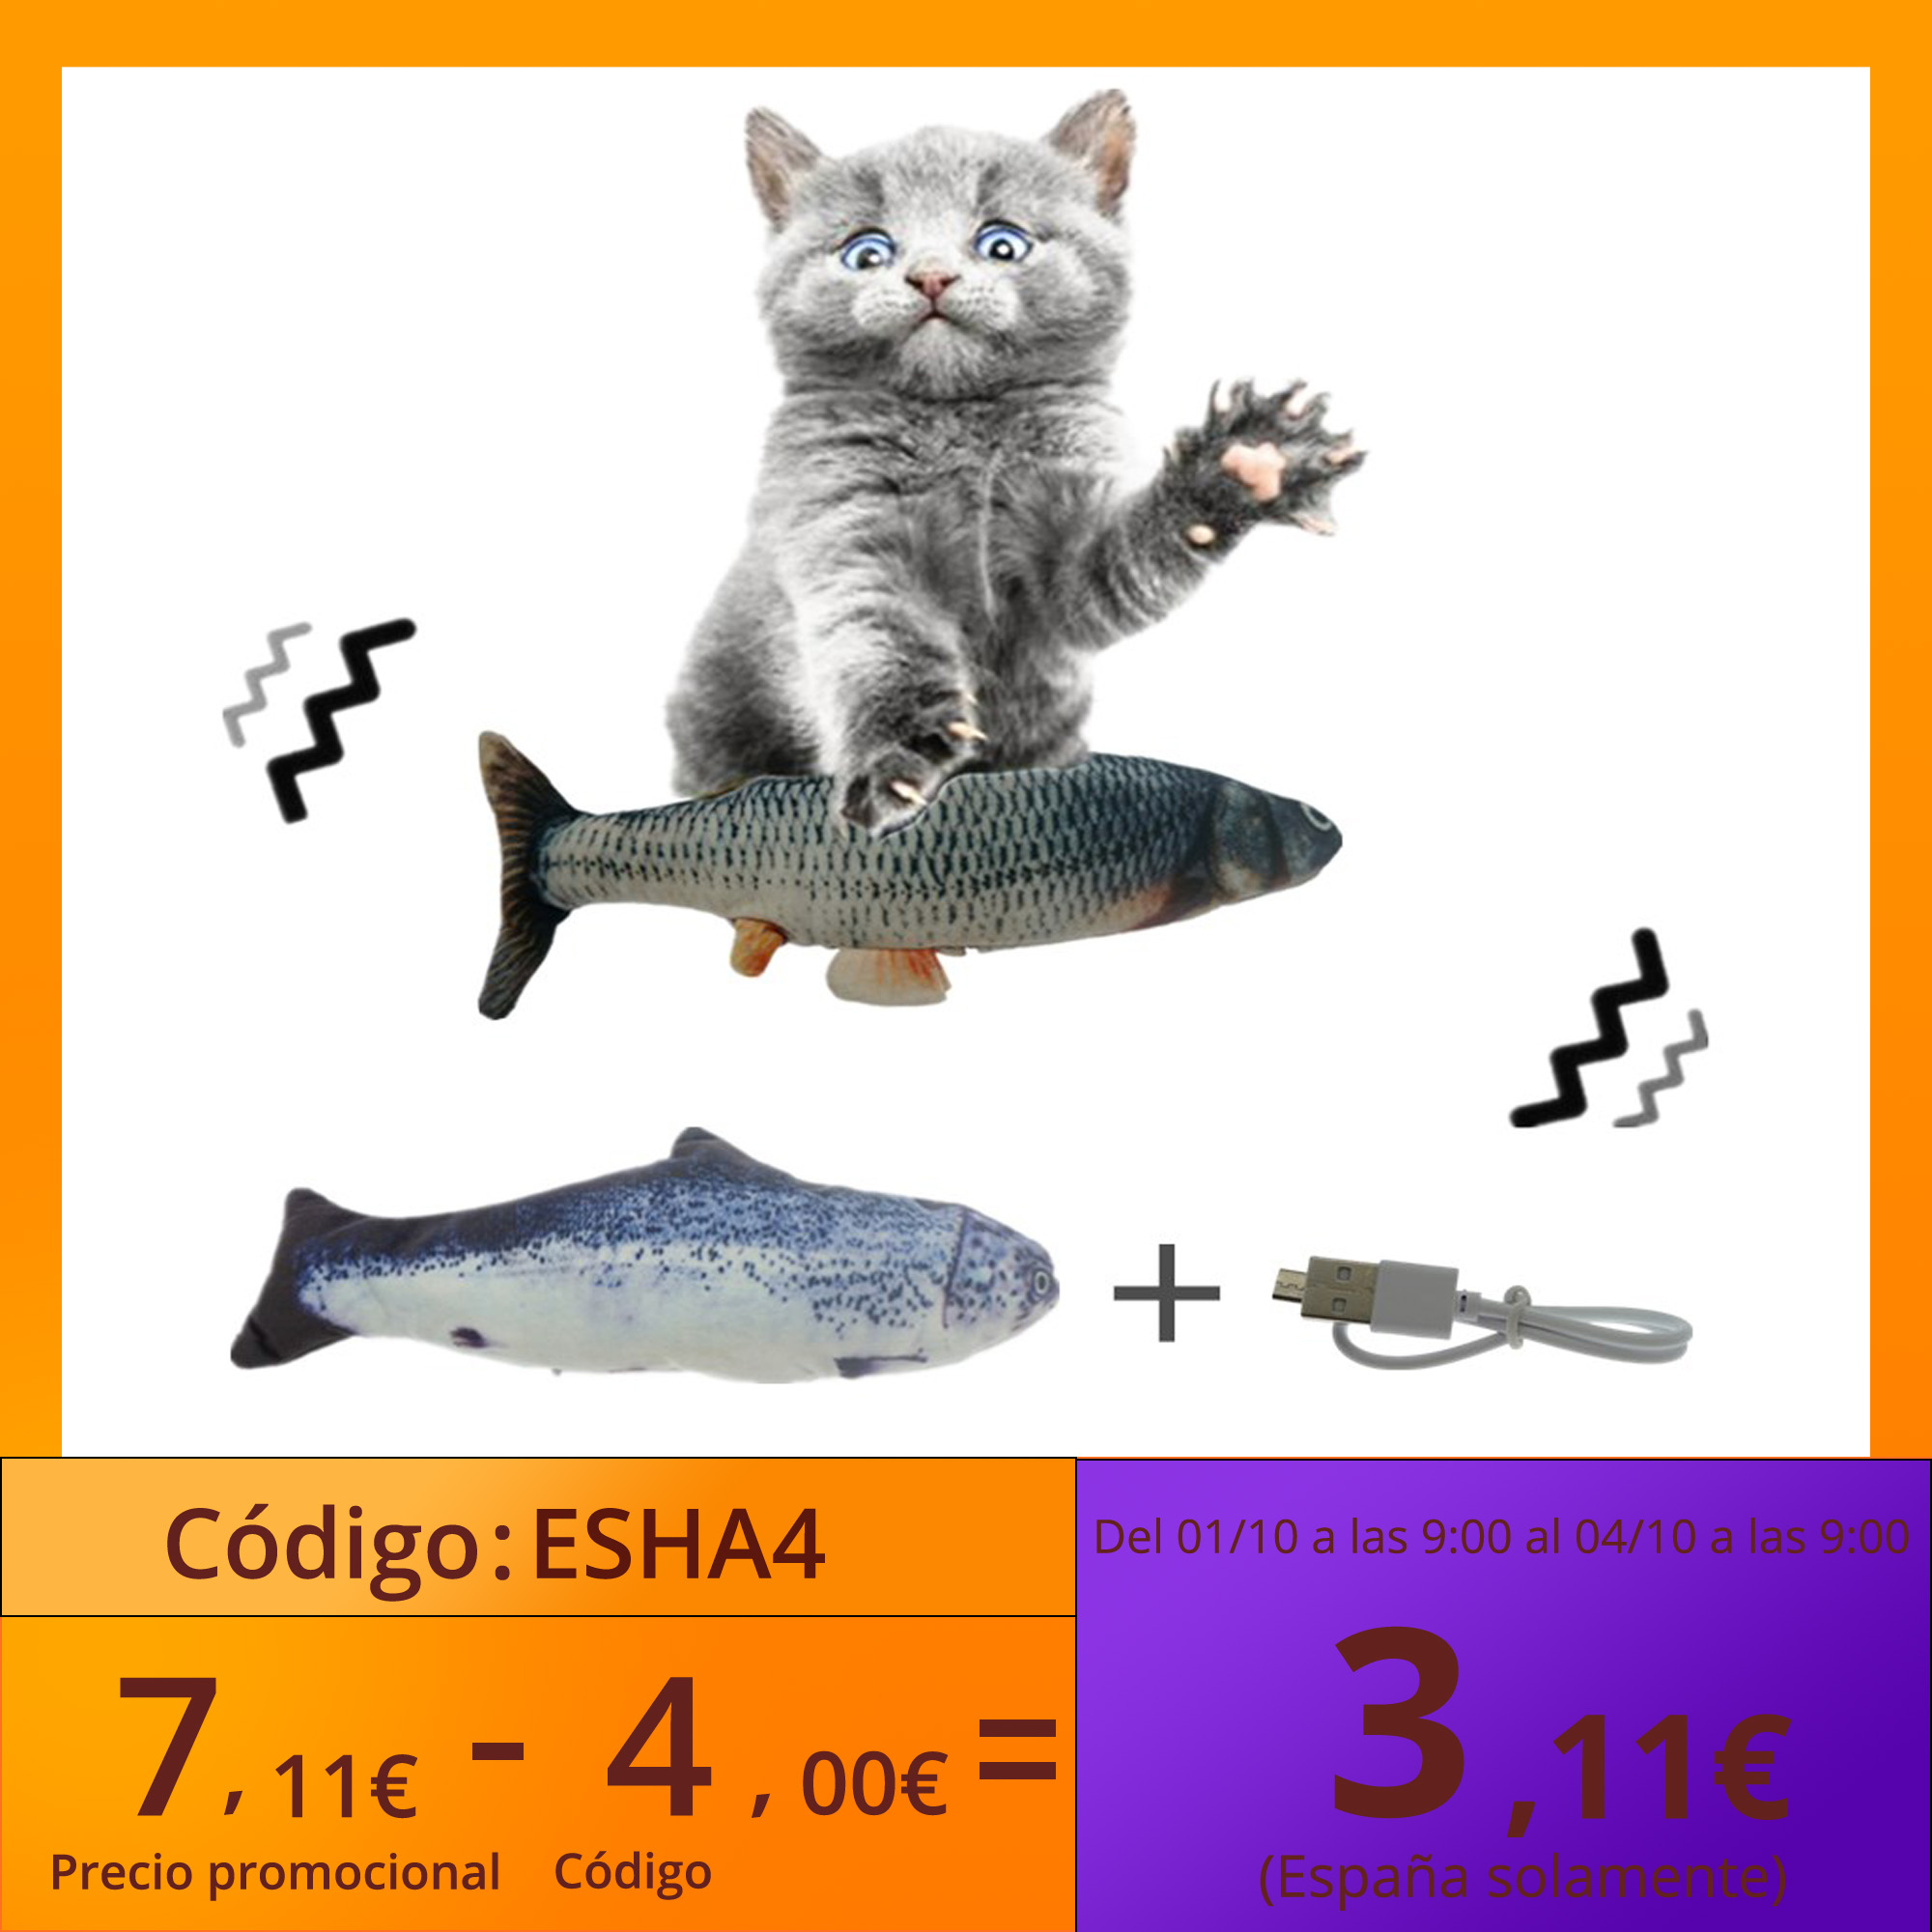 30CM juguete gato USB carga eléctrica de baile saltando moviéndose disquete pez gato juguete para gatos juguetes interactivos Hotsale Juguetes para gato  - AliExpress